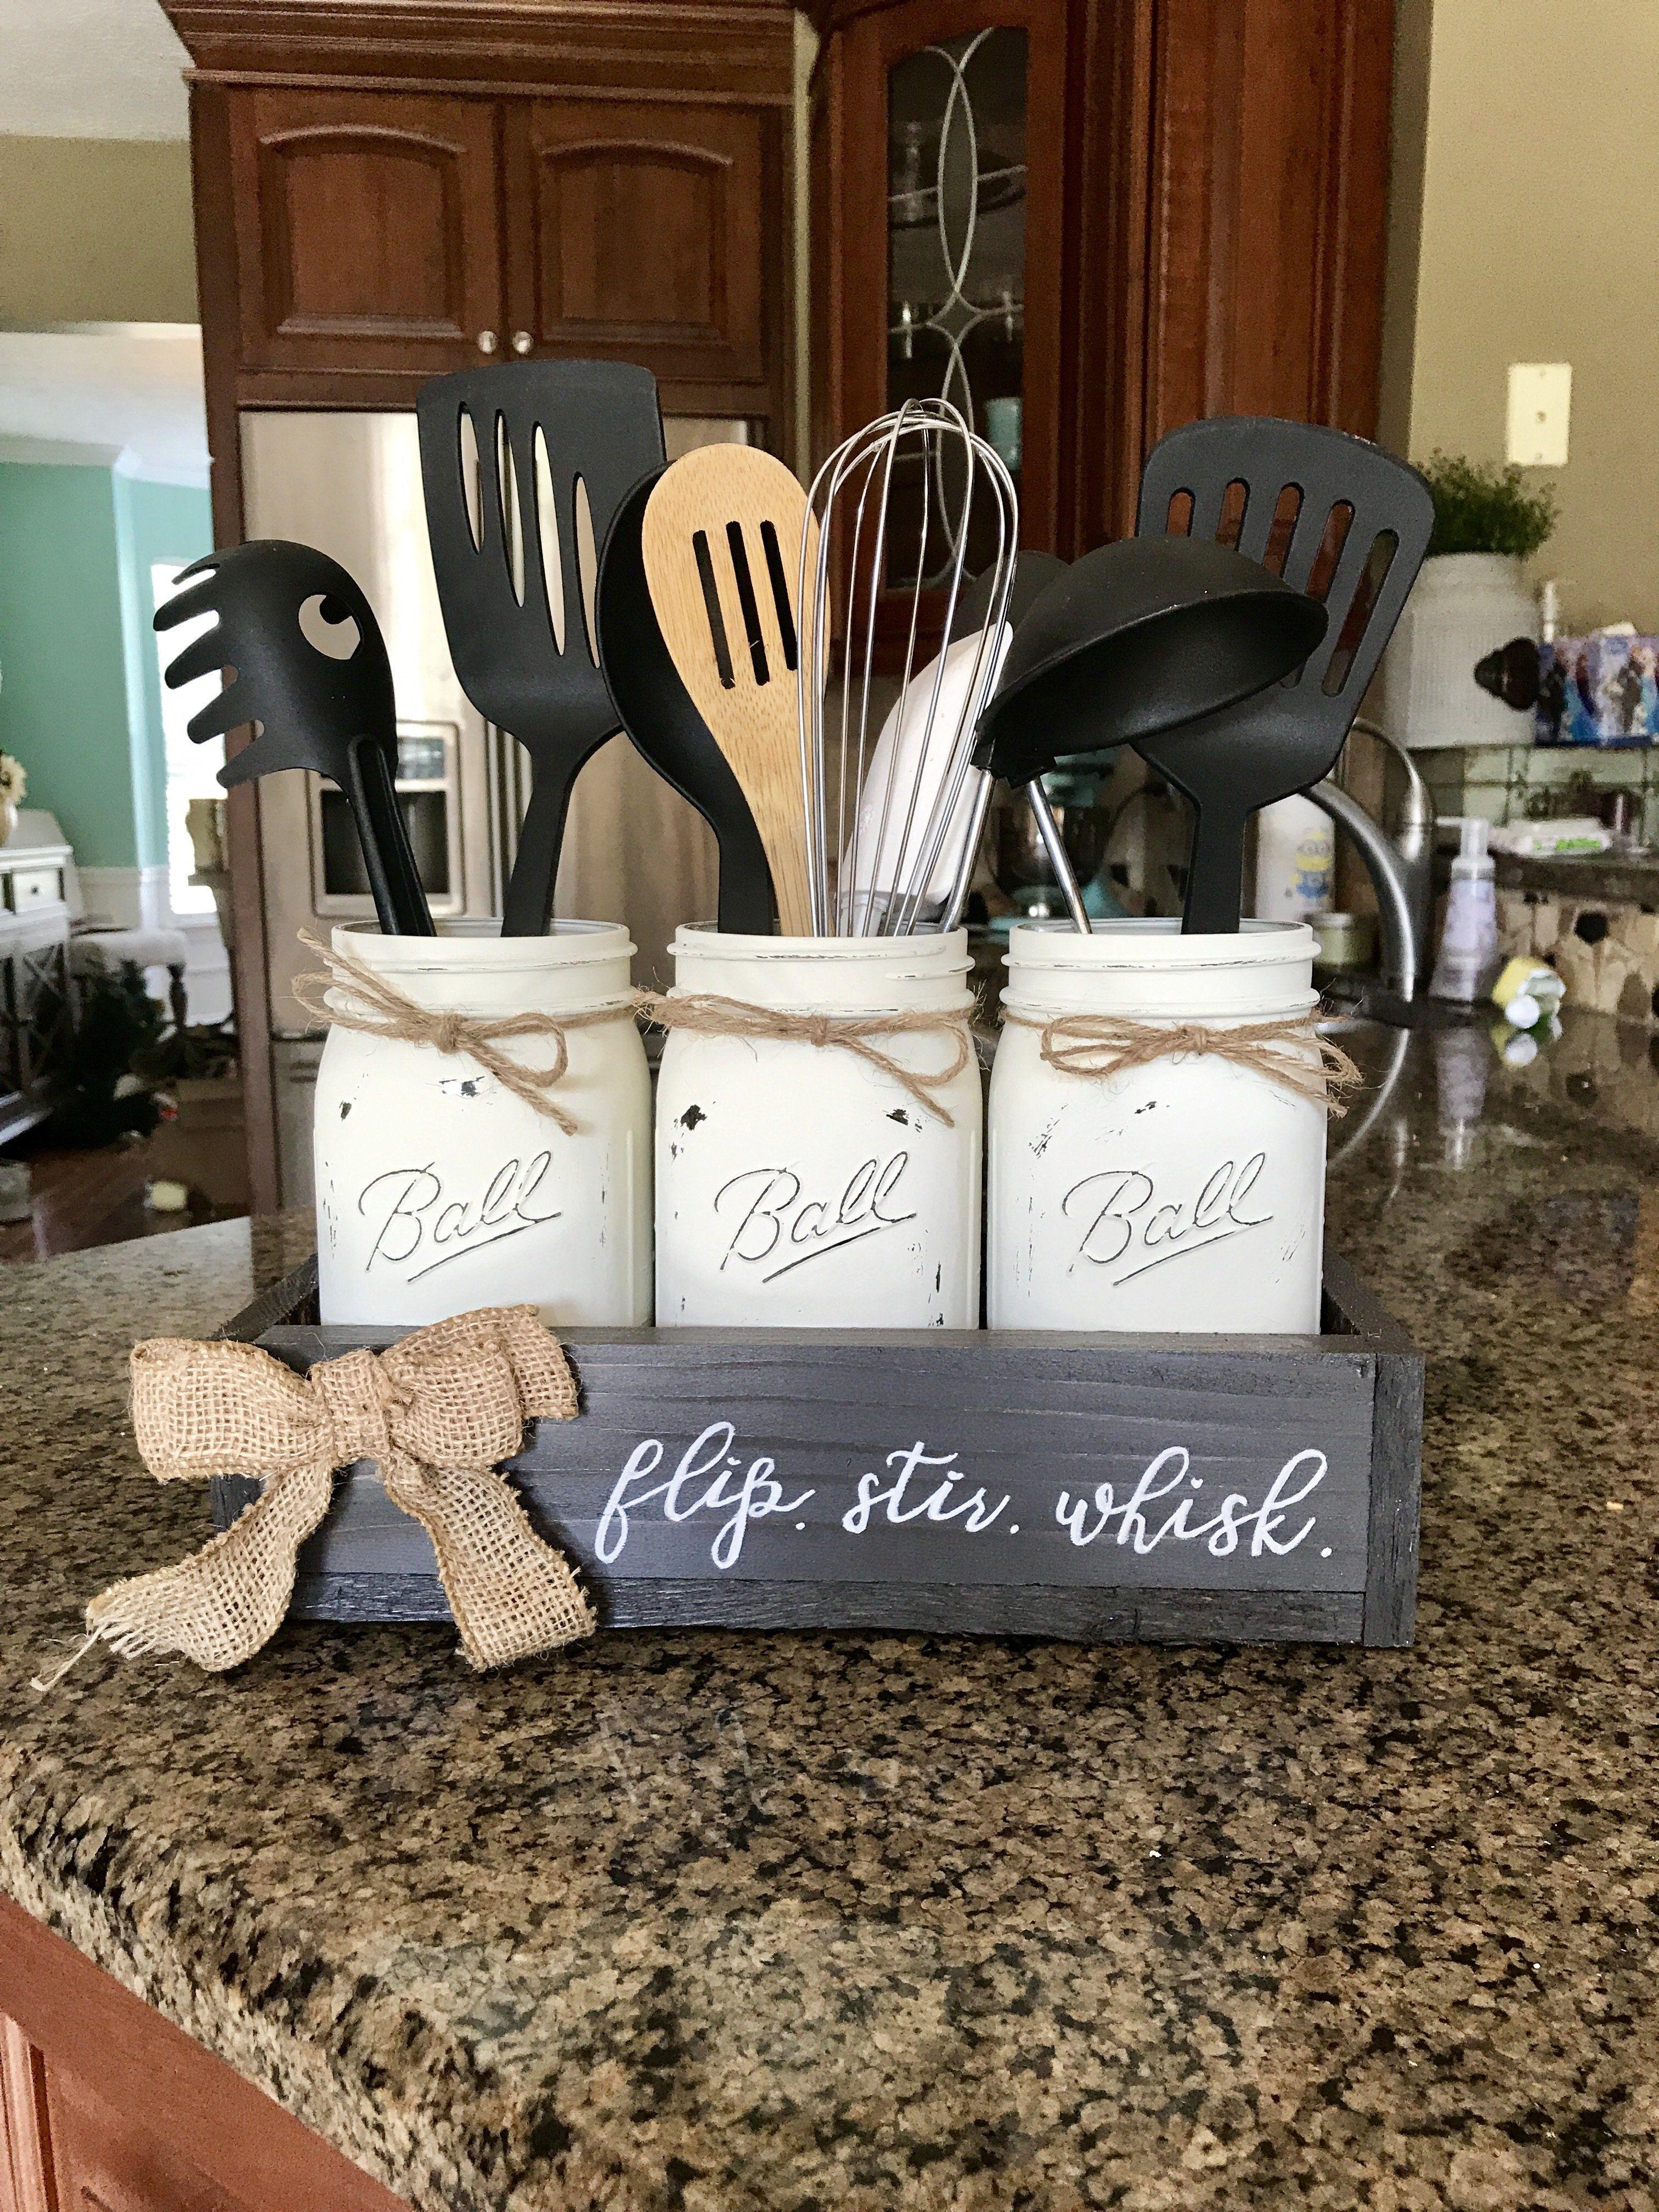 Farmhouse flip stir whisk mason jar utensil holder